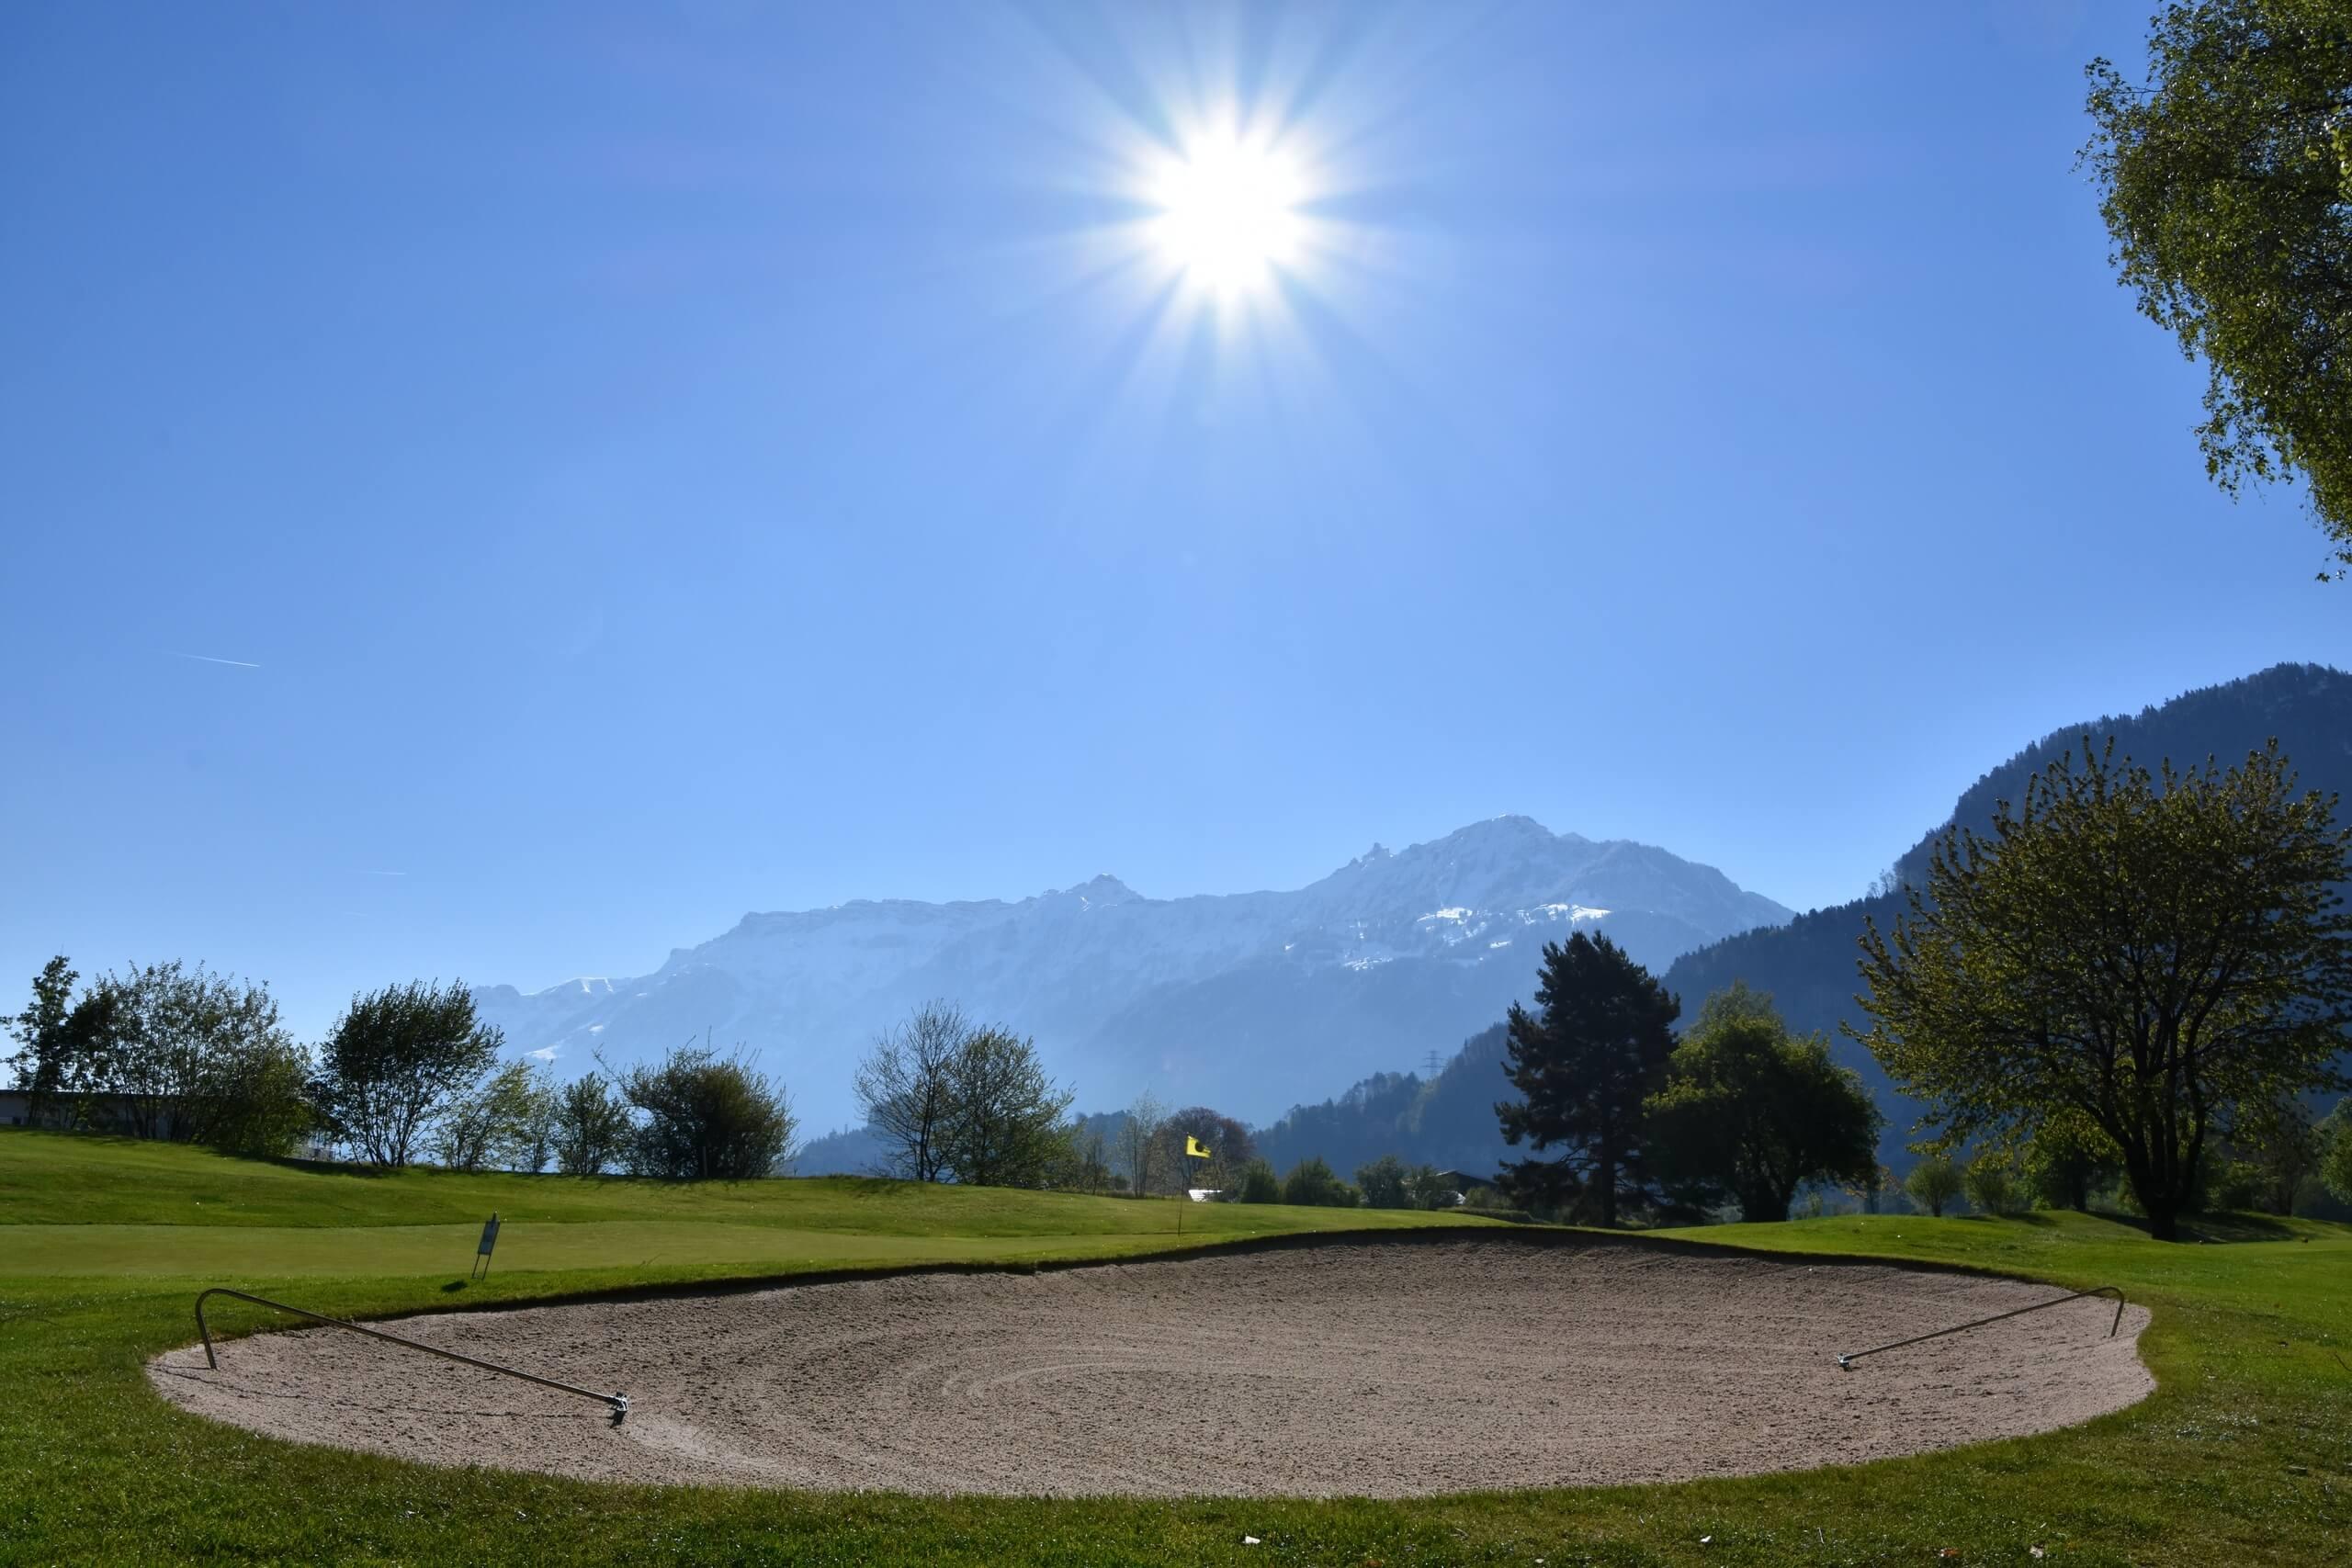 unterseen-golfplatz-sommer-sonnenschein